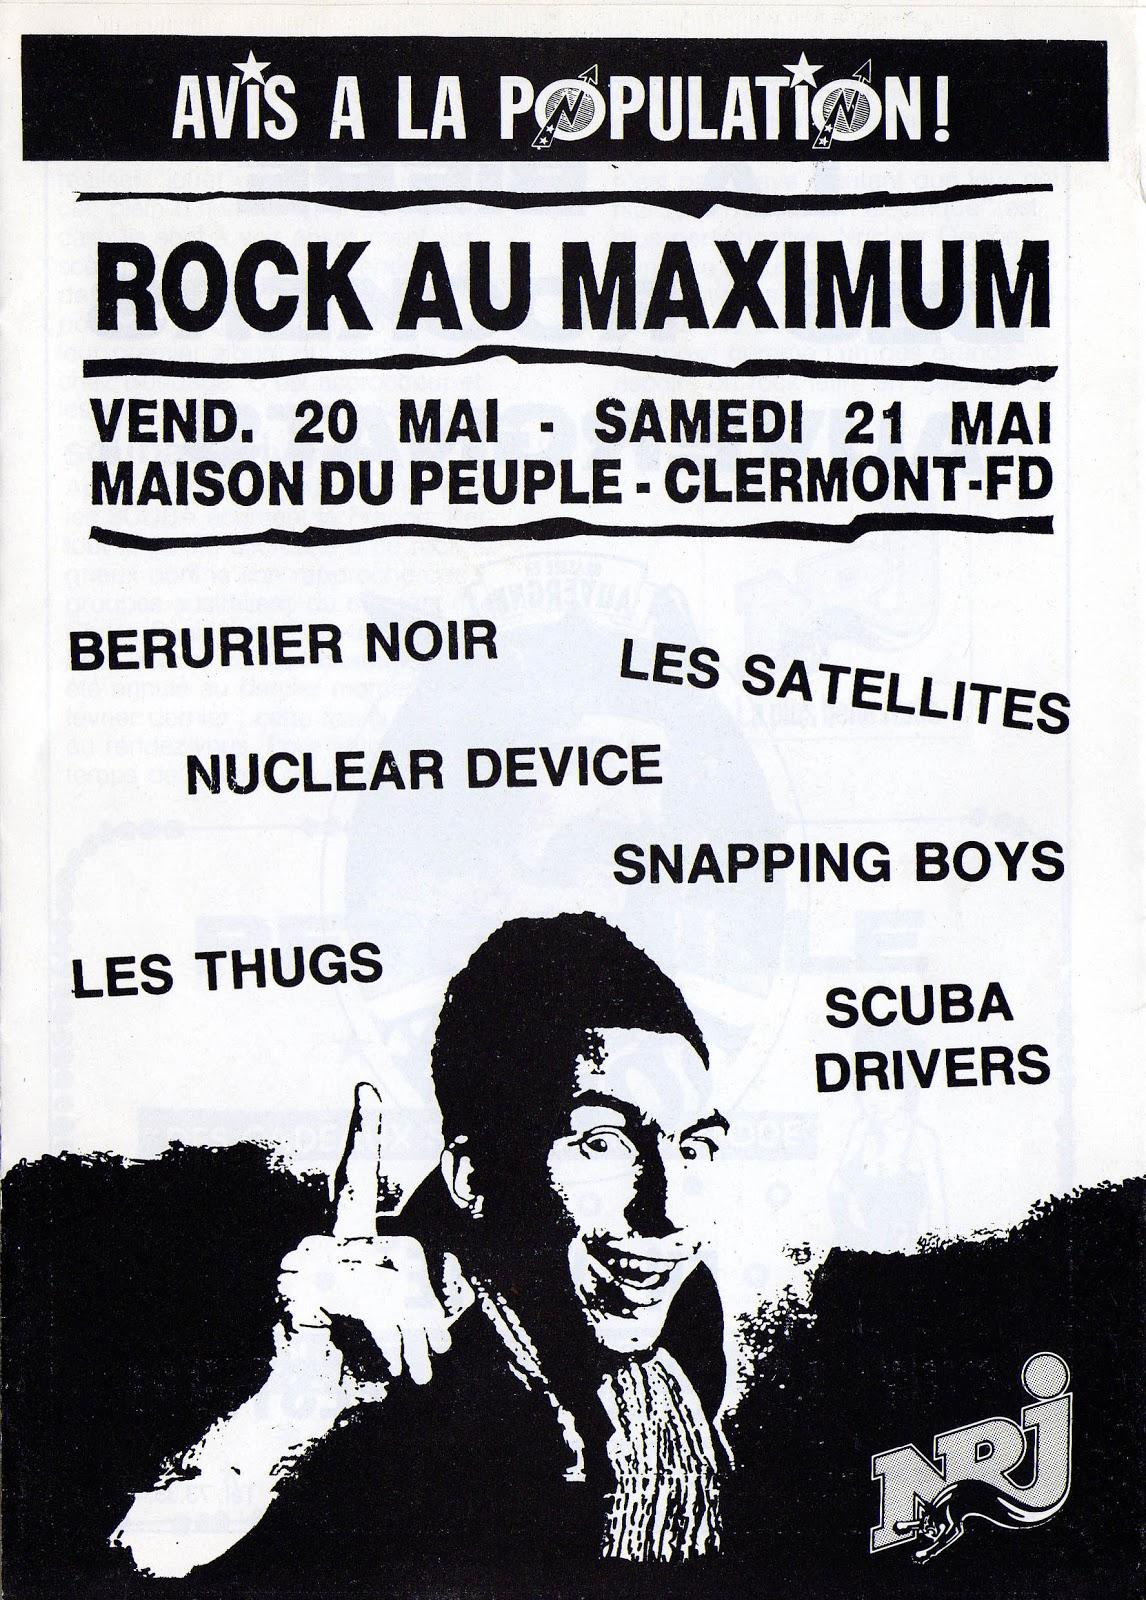 """20 mai 1988 Les Thugs, Nuclear Device, Berurier Noir à Clermont Ferrand """"Maison Du Peuple"""""""